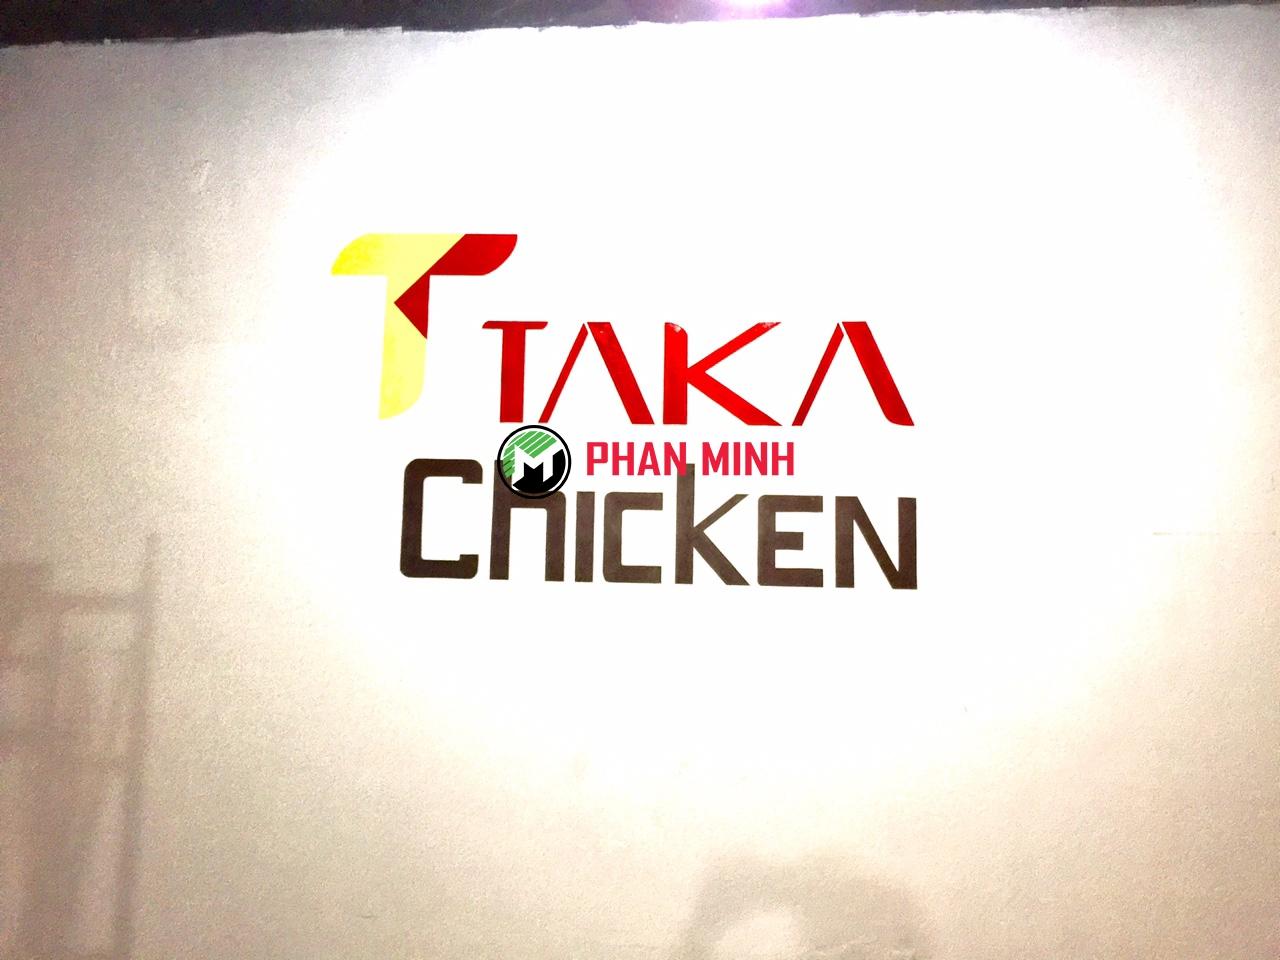 Dự án Nhà Hàng Taka - Chung Cư HimLam Quận 7